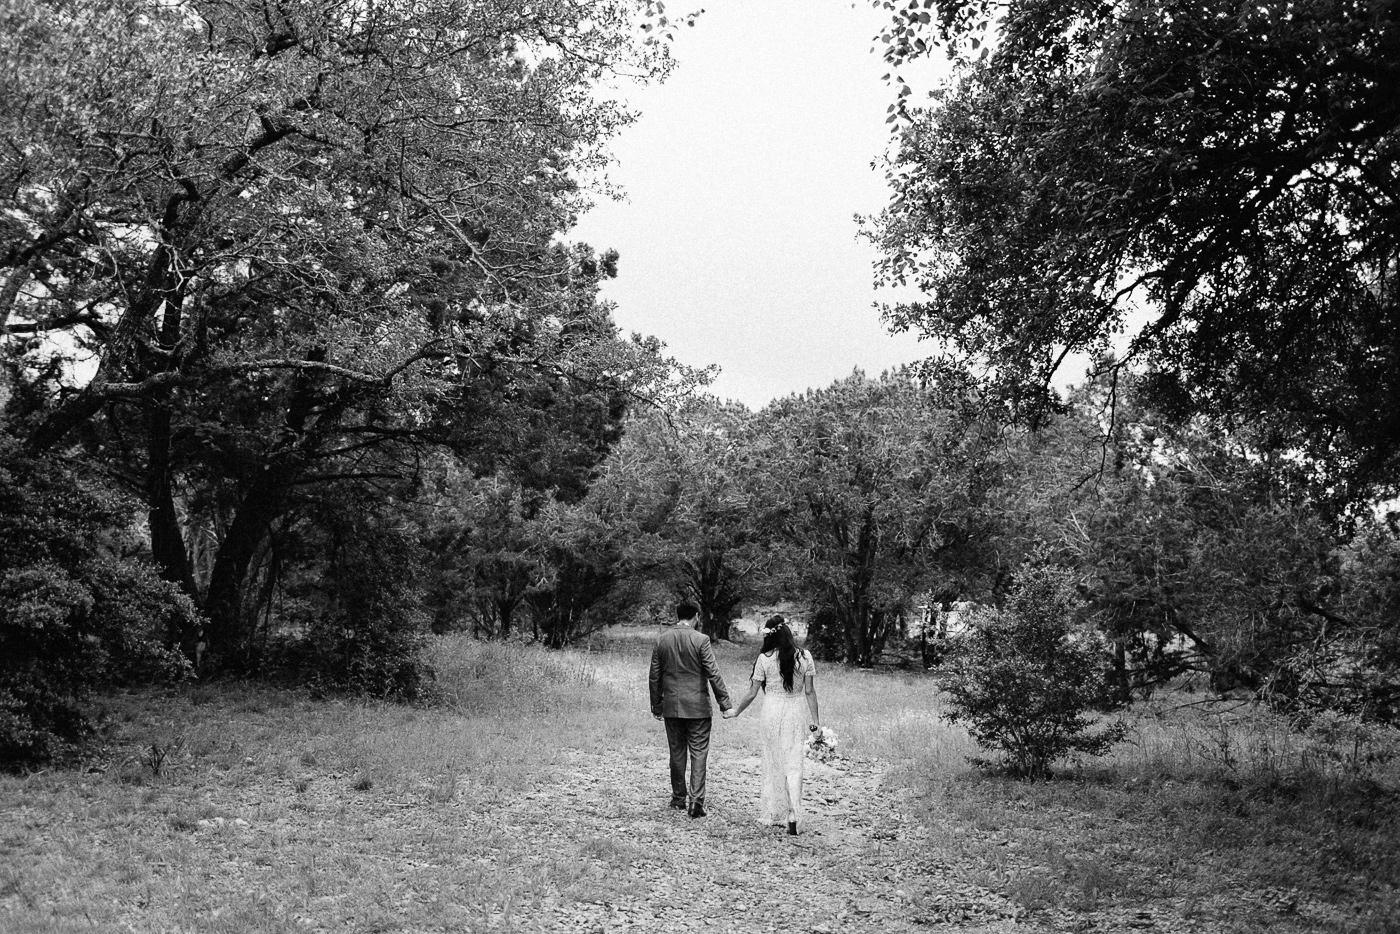 261-wimberley-texas-intimate-backyard-wedding.jpg